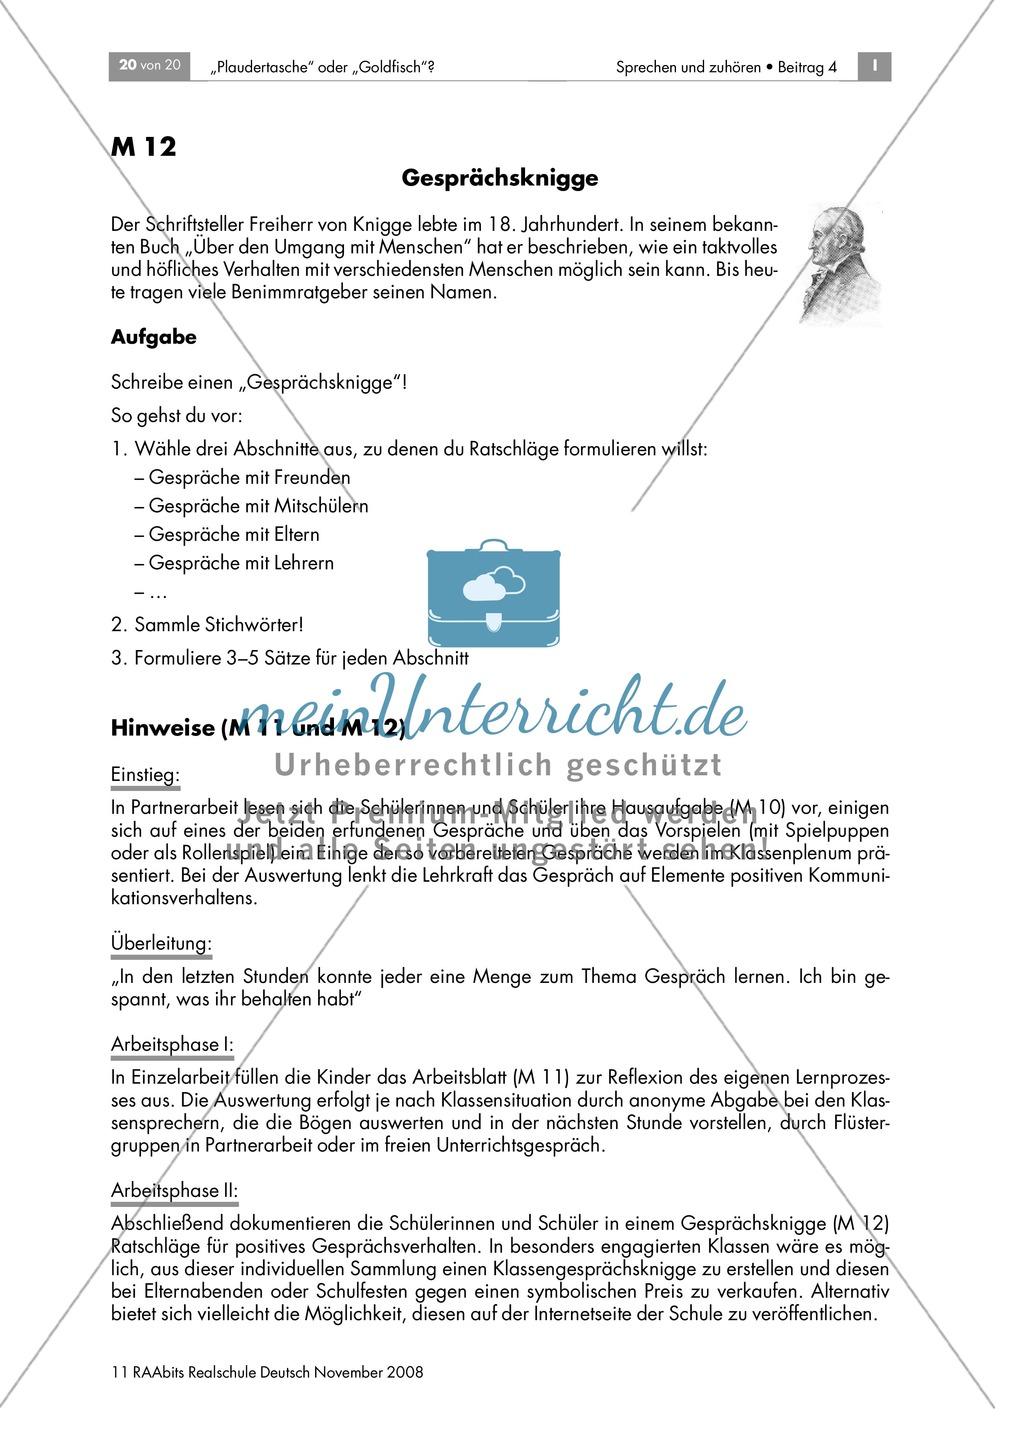 Ausgezeichnet Wie Ein Arbeitsblatt Zu Entwerfen Bilder - Super ...